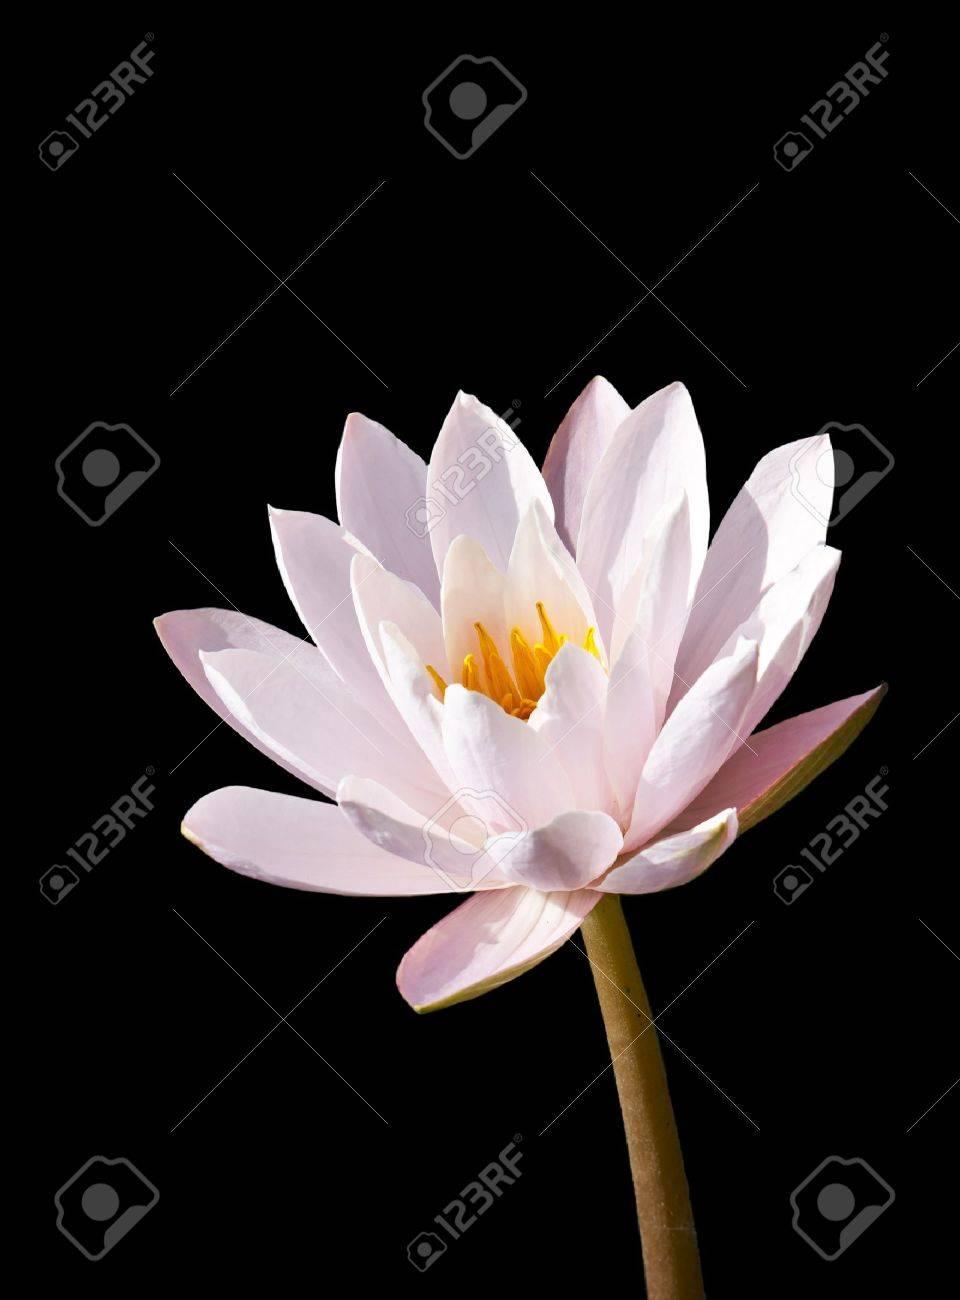 isotated: lotus on black background Stock Photo - 8556288